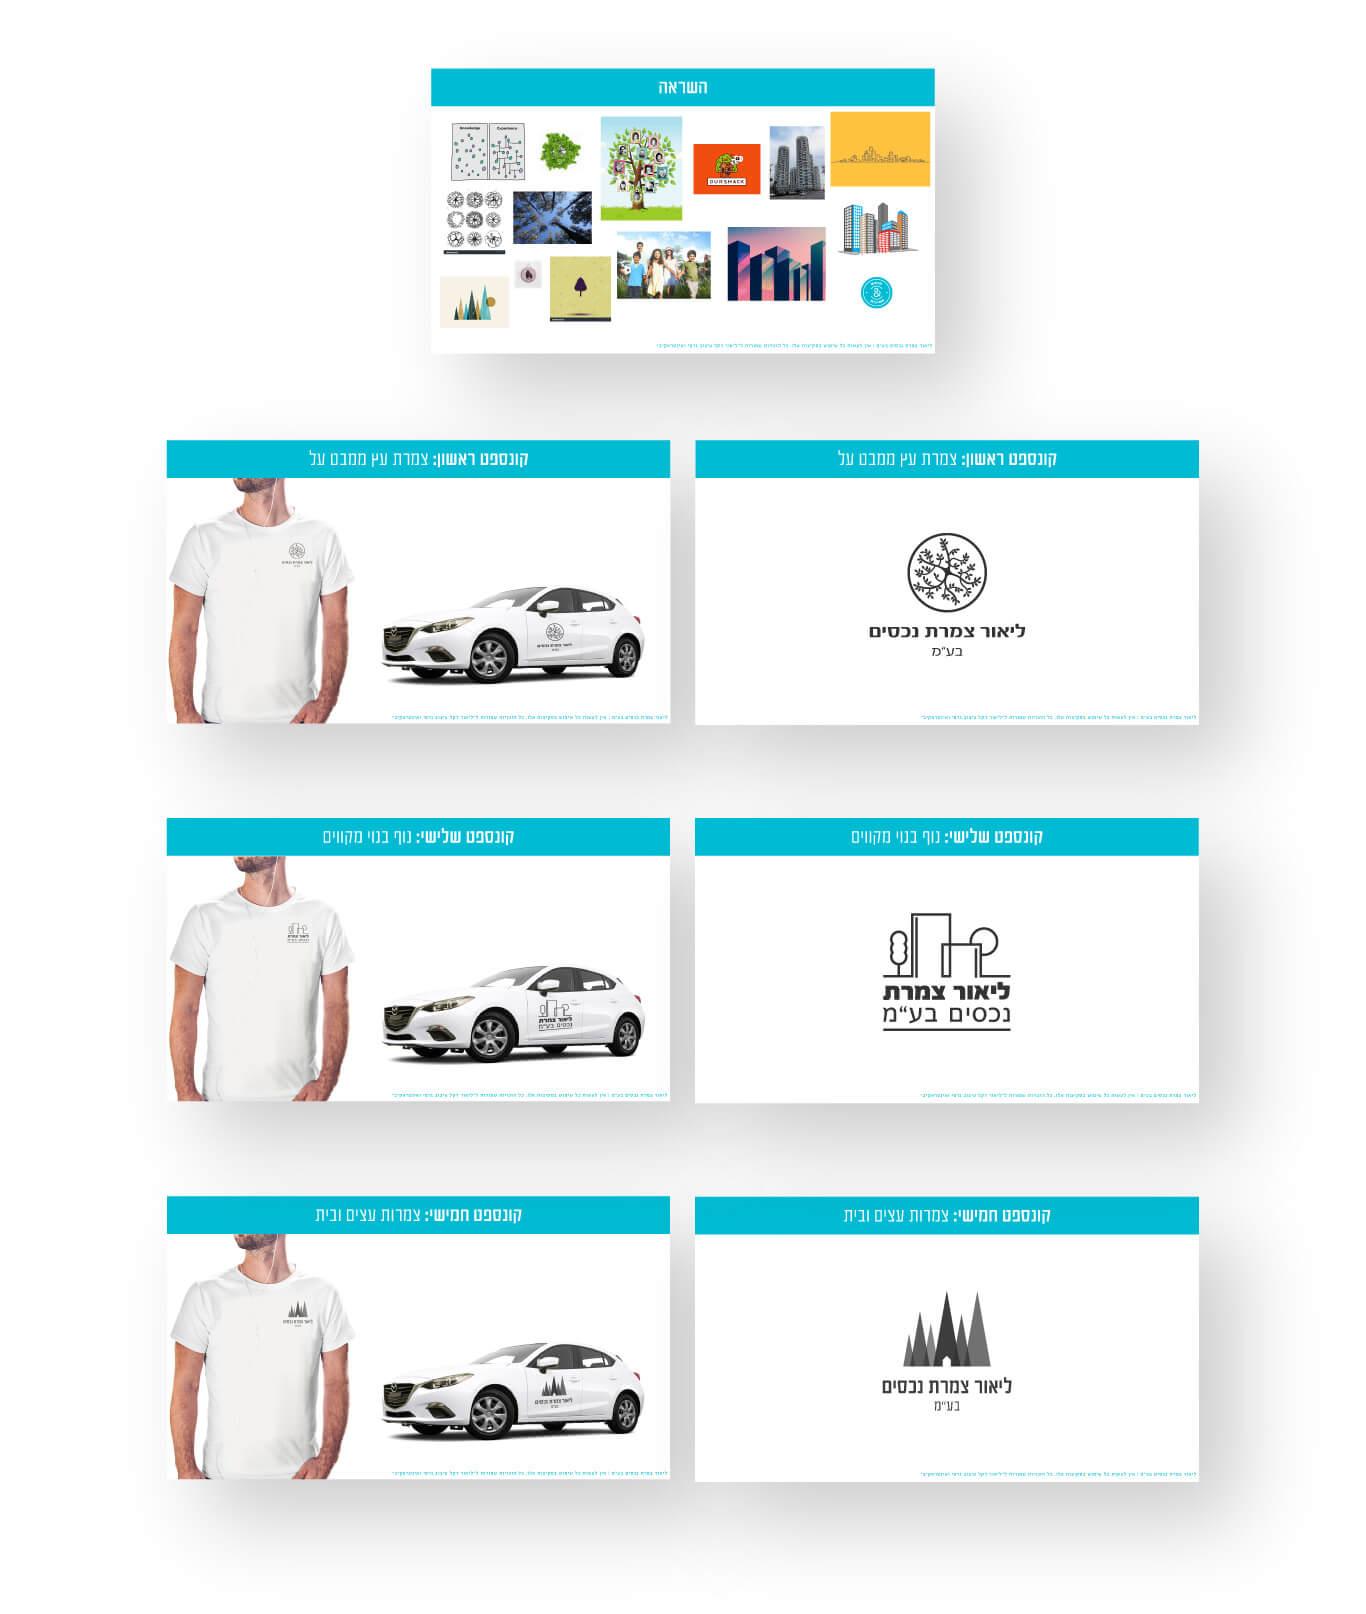 לוח השראה, סקיצות שונות והדמיית הסקיצות על חולצה ורכב - תהליך עבודה נכון לעיצוב לוגו מוצלח